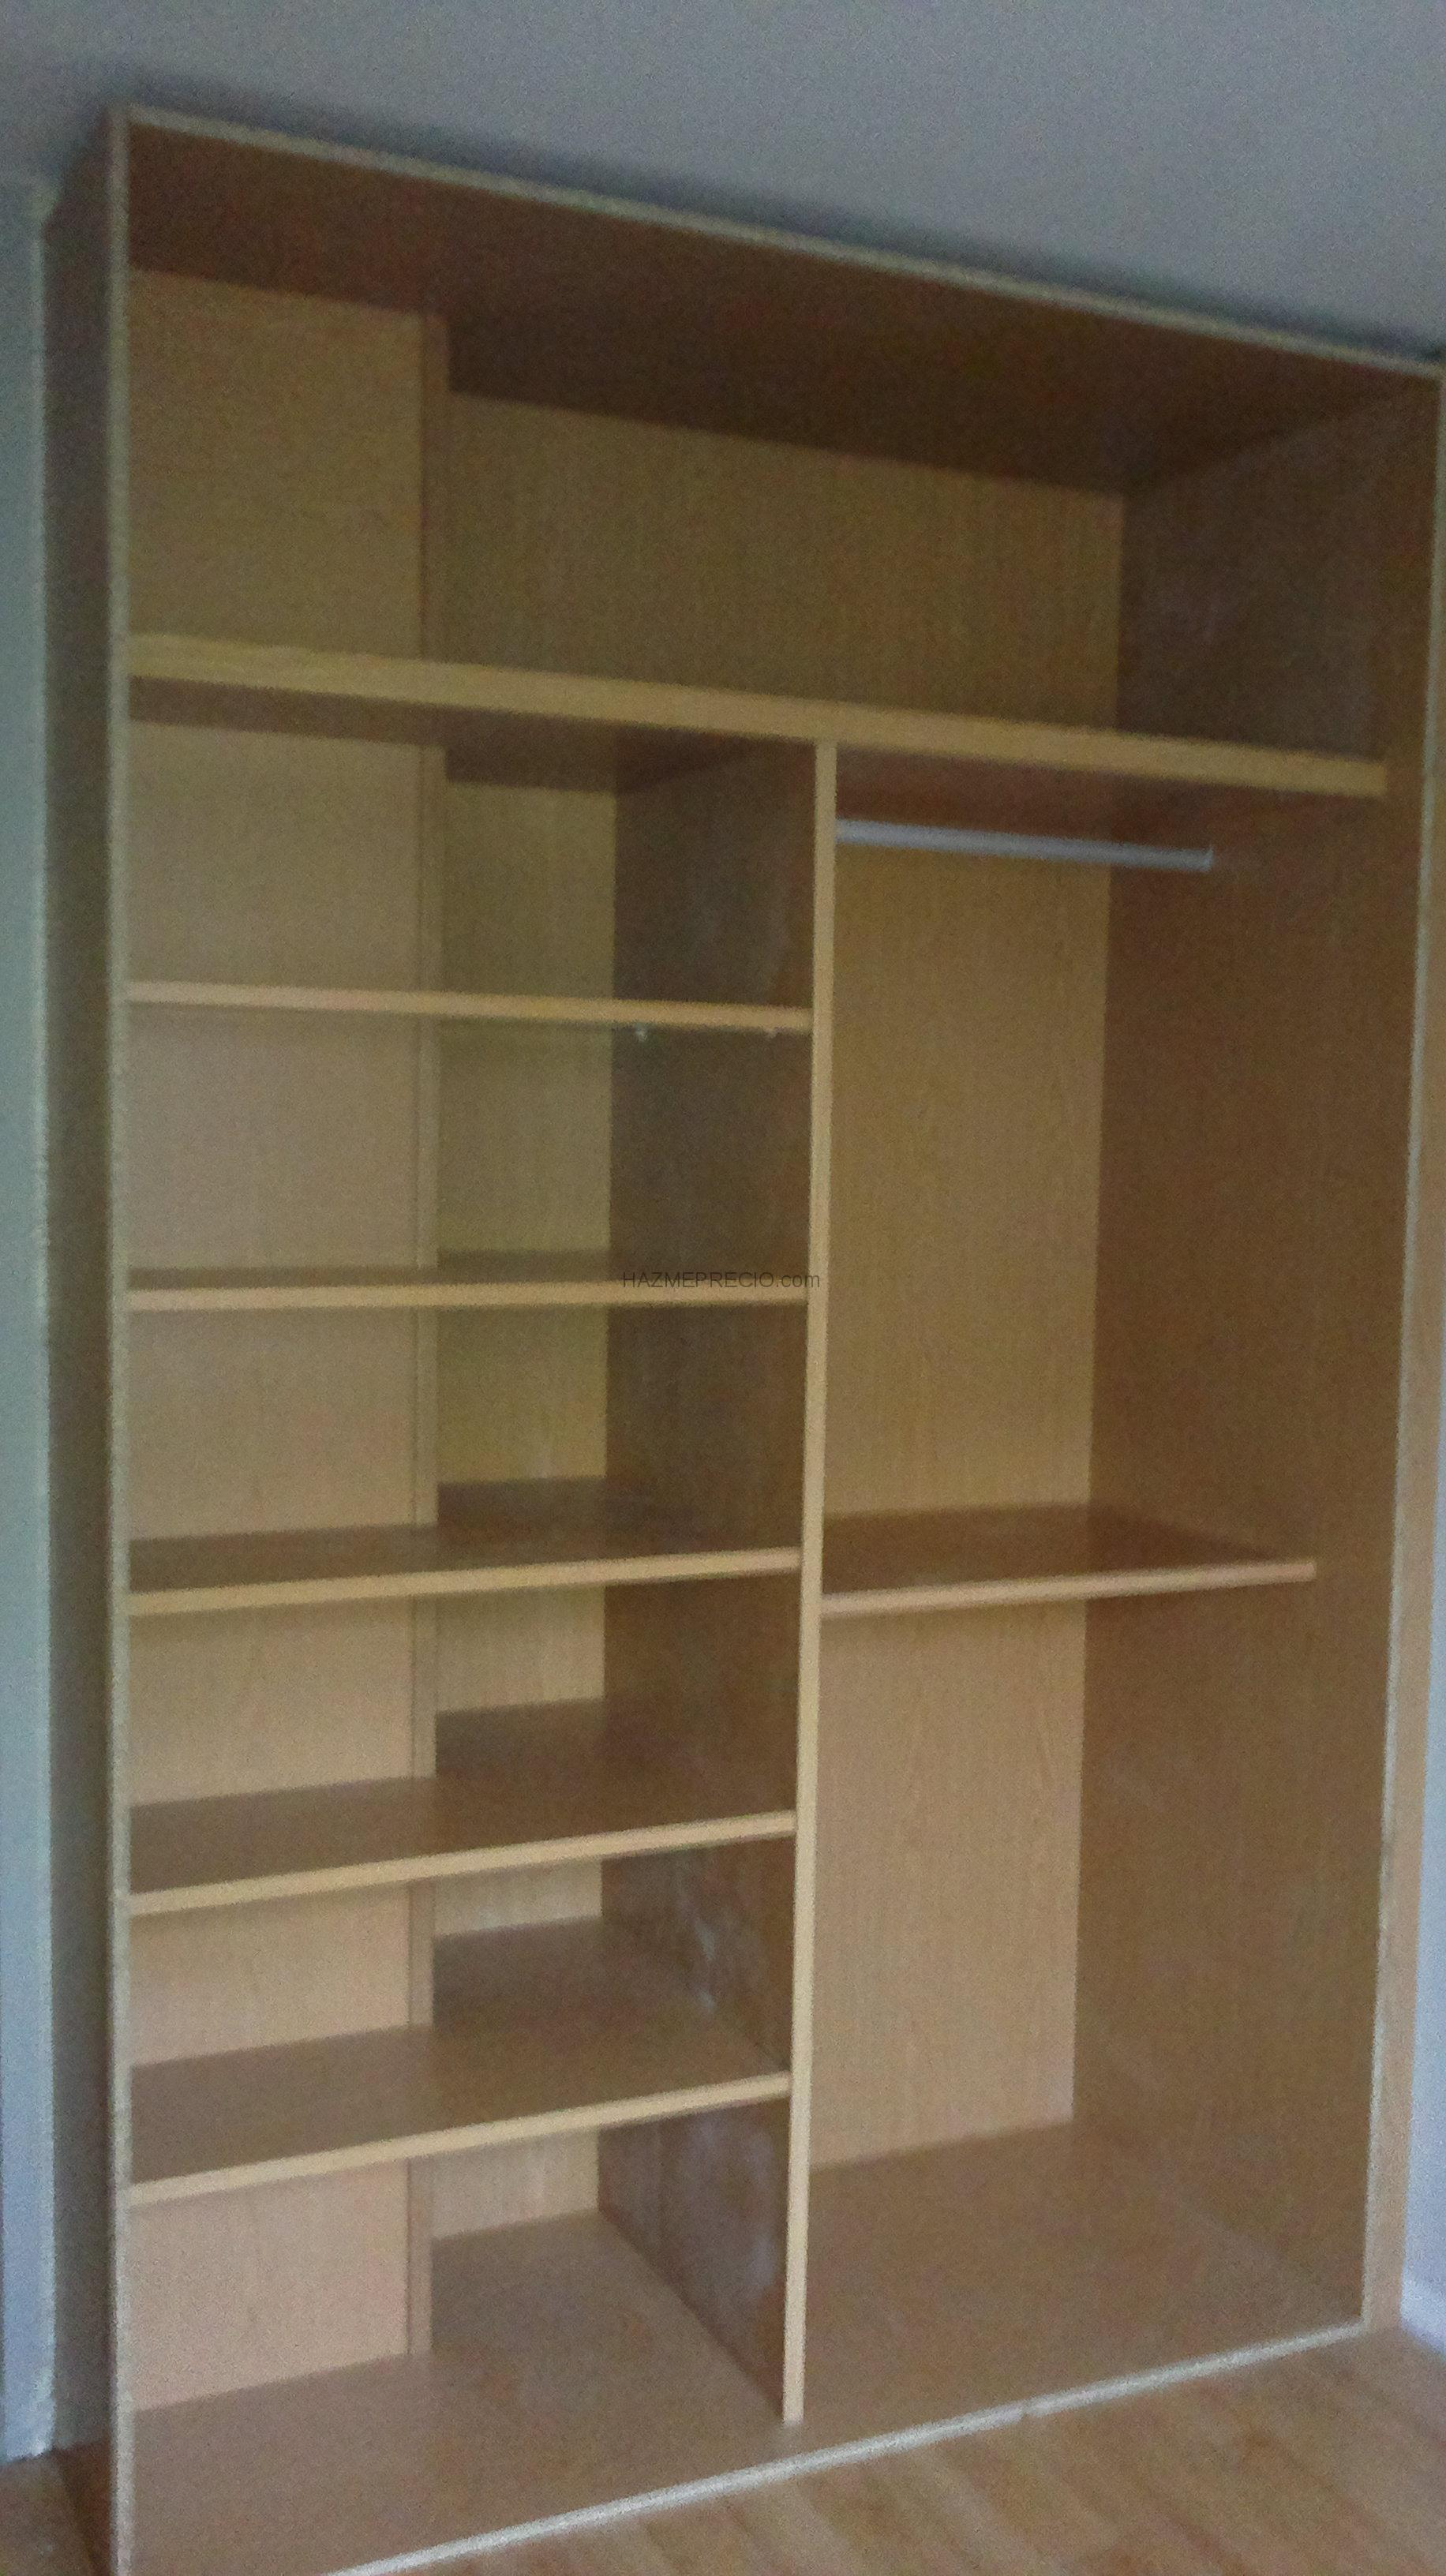 Presupuesto para hacer armario empotrado pladur - Revestir armario empotrado ...